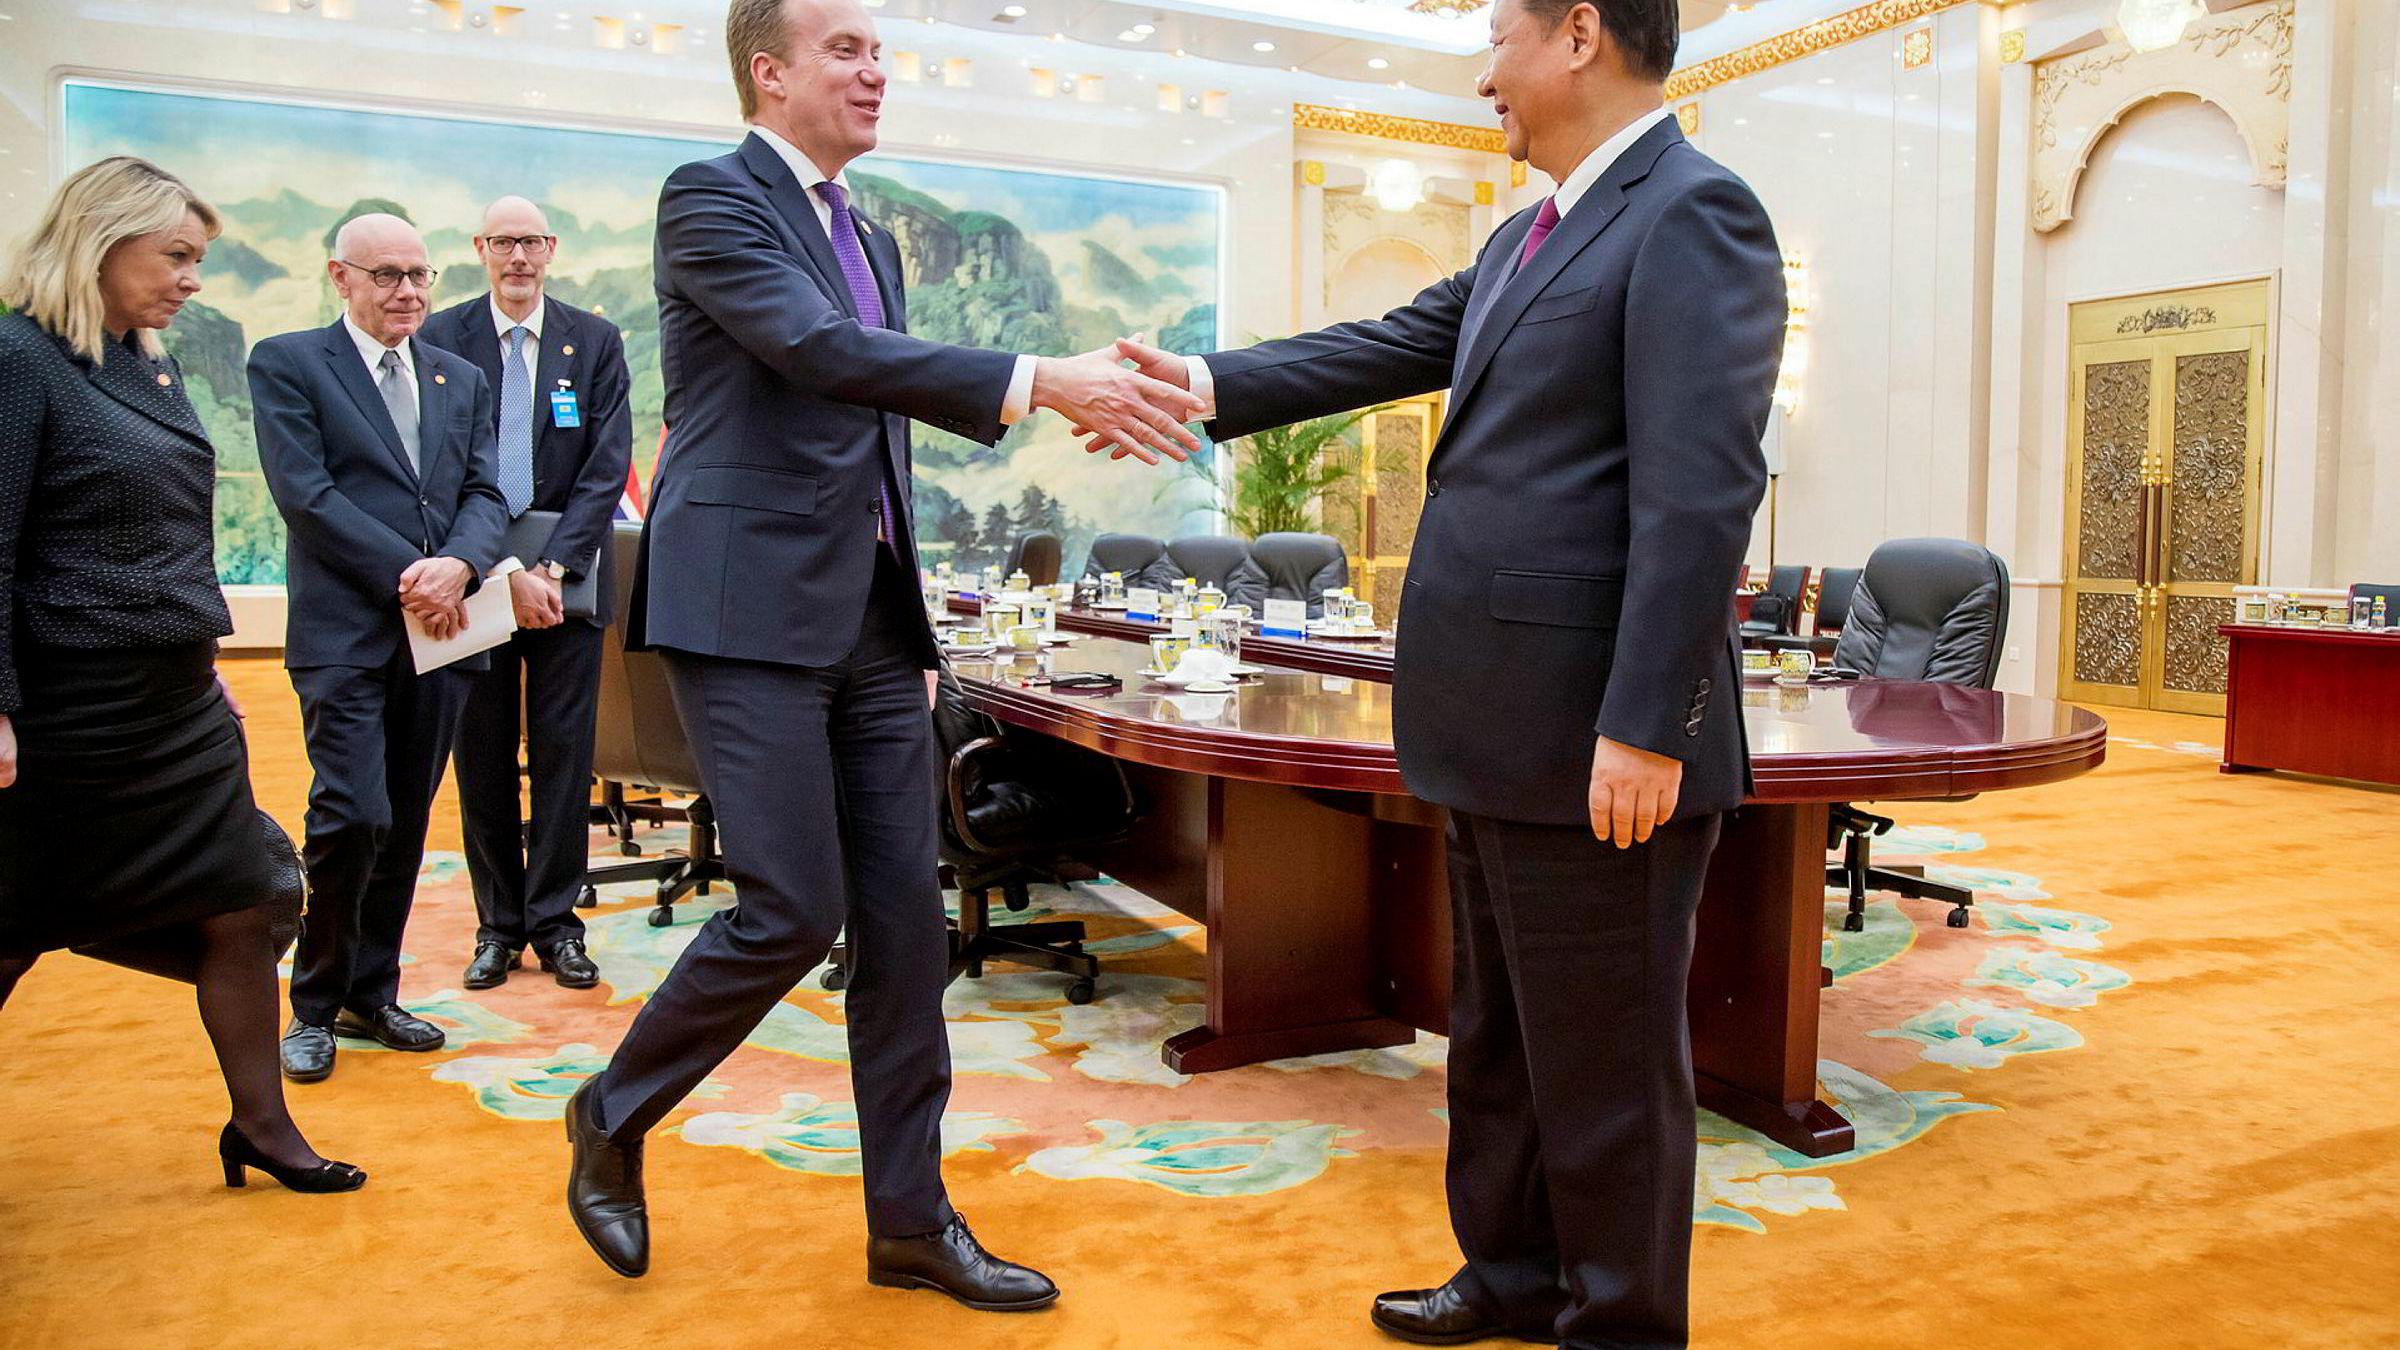 Børge Brendes veivalgmelding fanger ikke opp at de sikkerhetsutfordringene Norge står overfor formes av grunnleggende endringer utenfor Europas grenser, mener artikkelforfatteren. Her under Brendes møte med president Xi Jinping i Beijing i april i år.